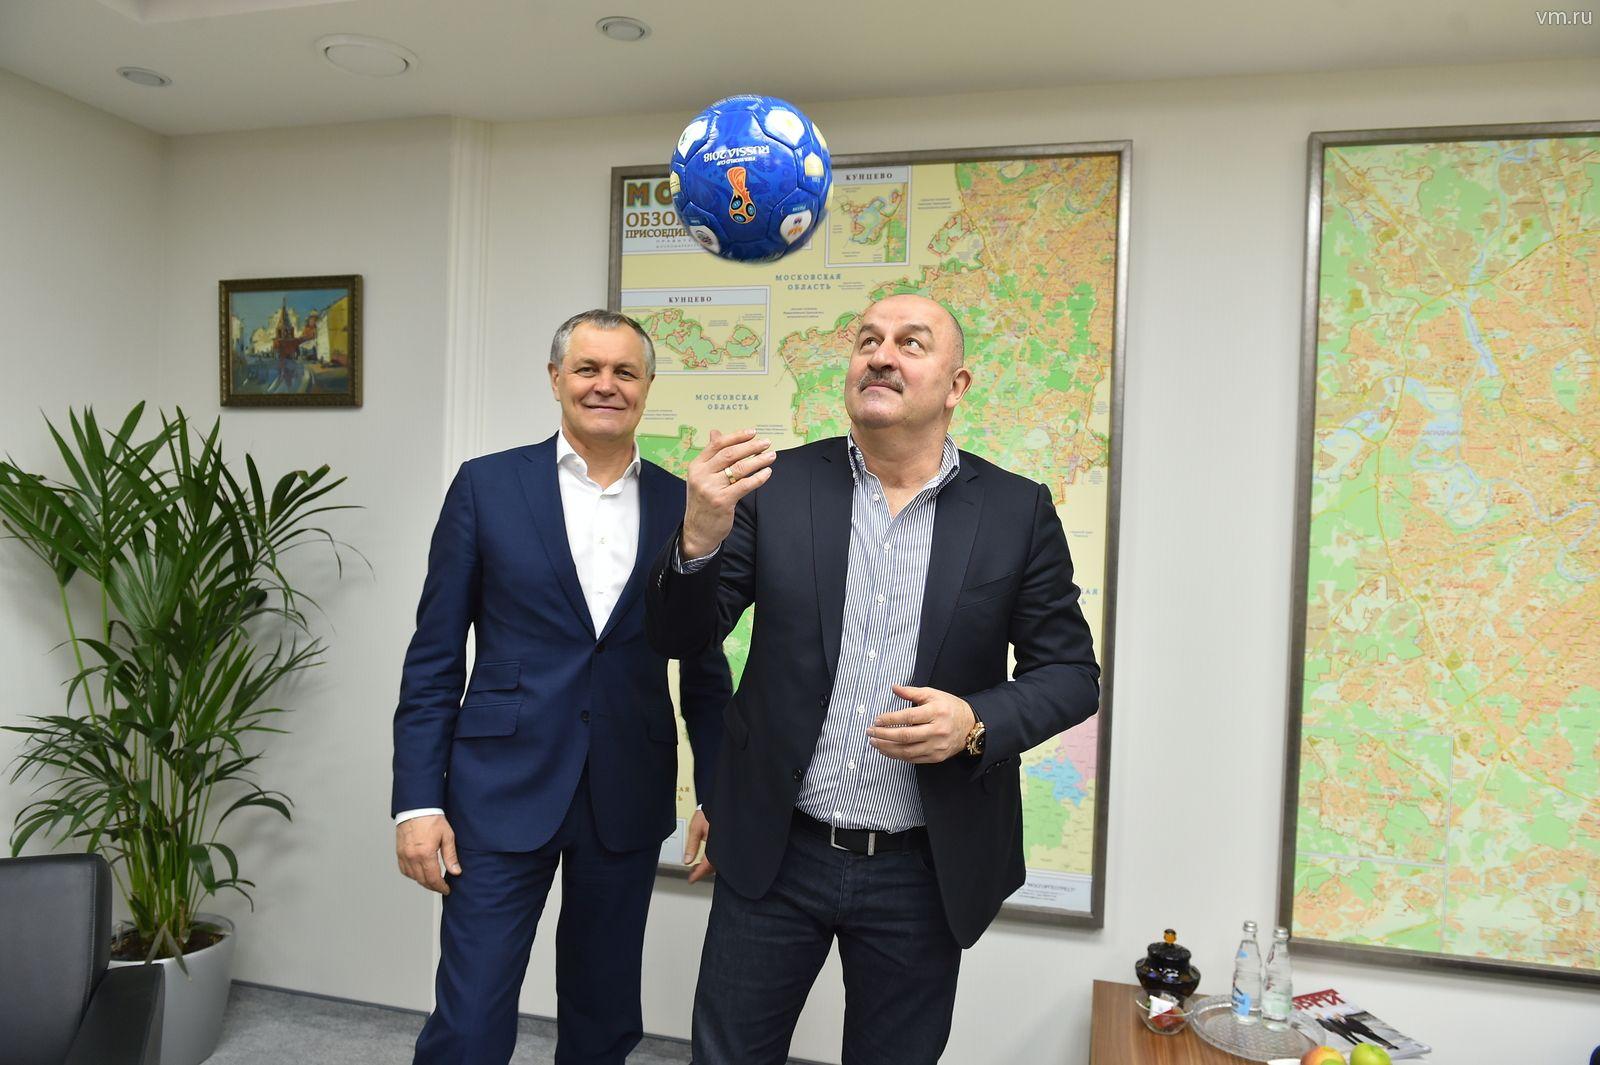 Станислав Черчесов посетил Департамент развития новых территорий города Москвы. Фото: архив «Вечерняя Москва»